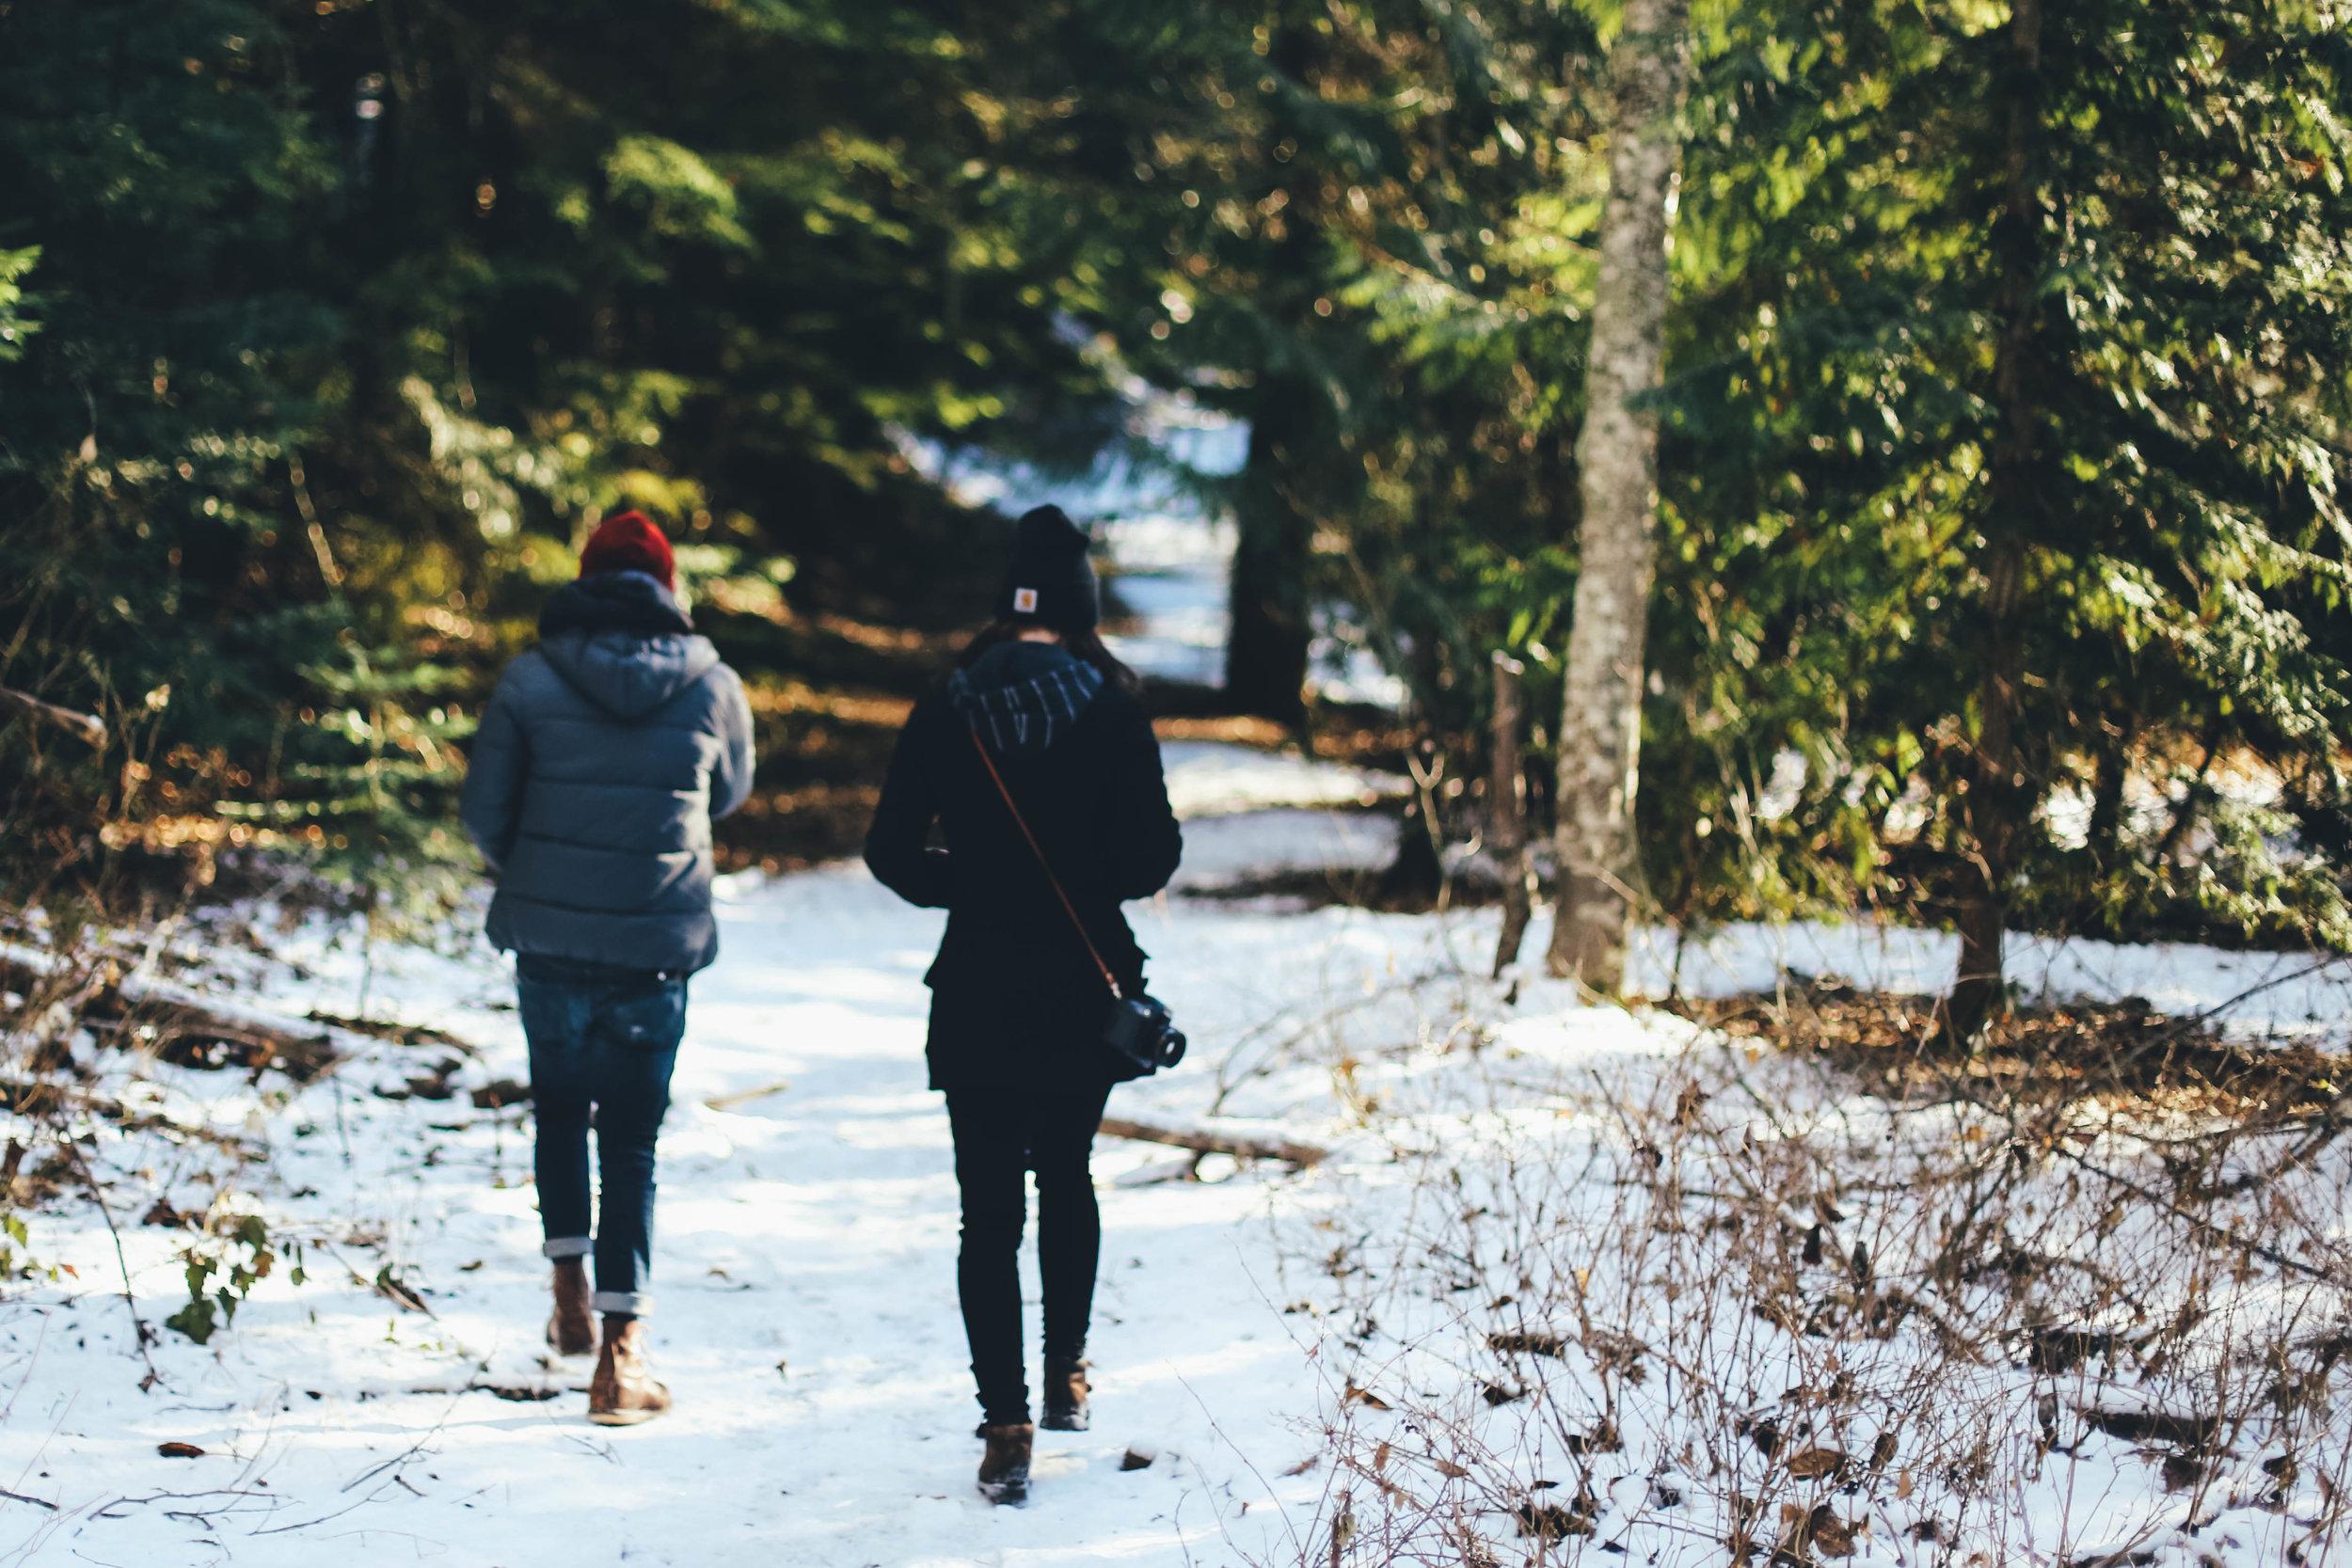 people-woman-hiking-snow.jpg